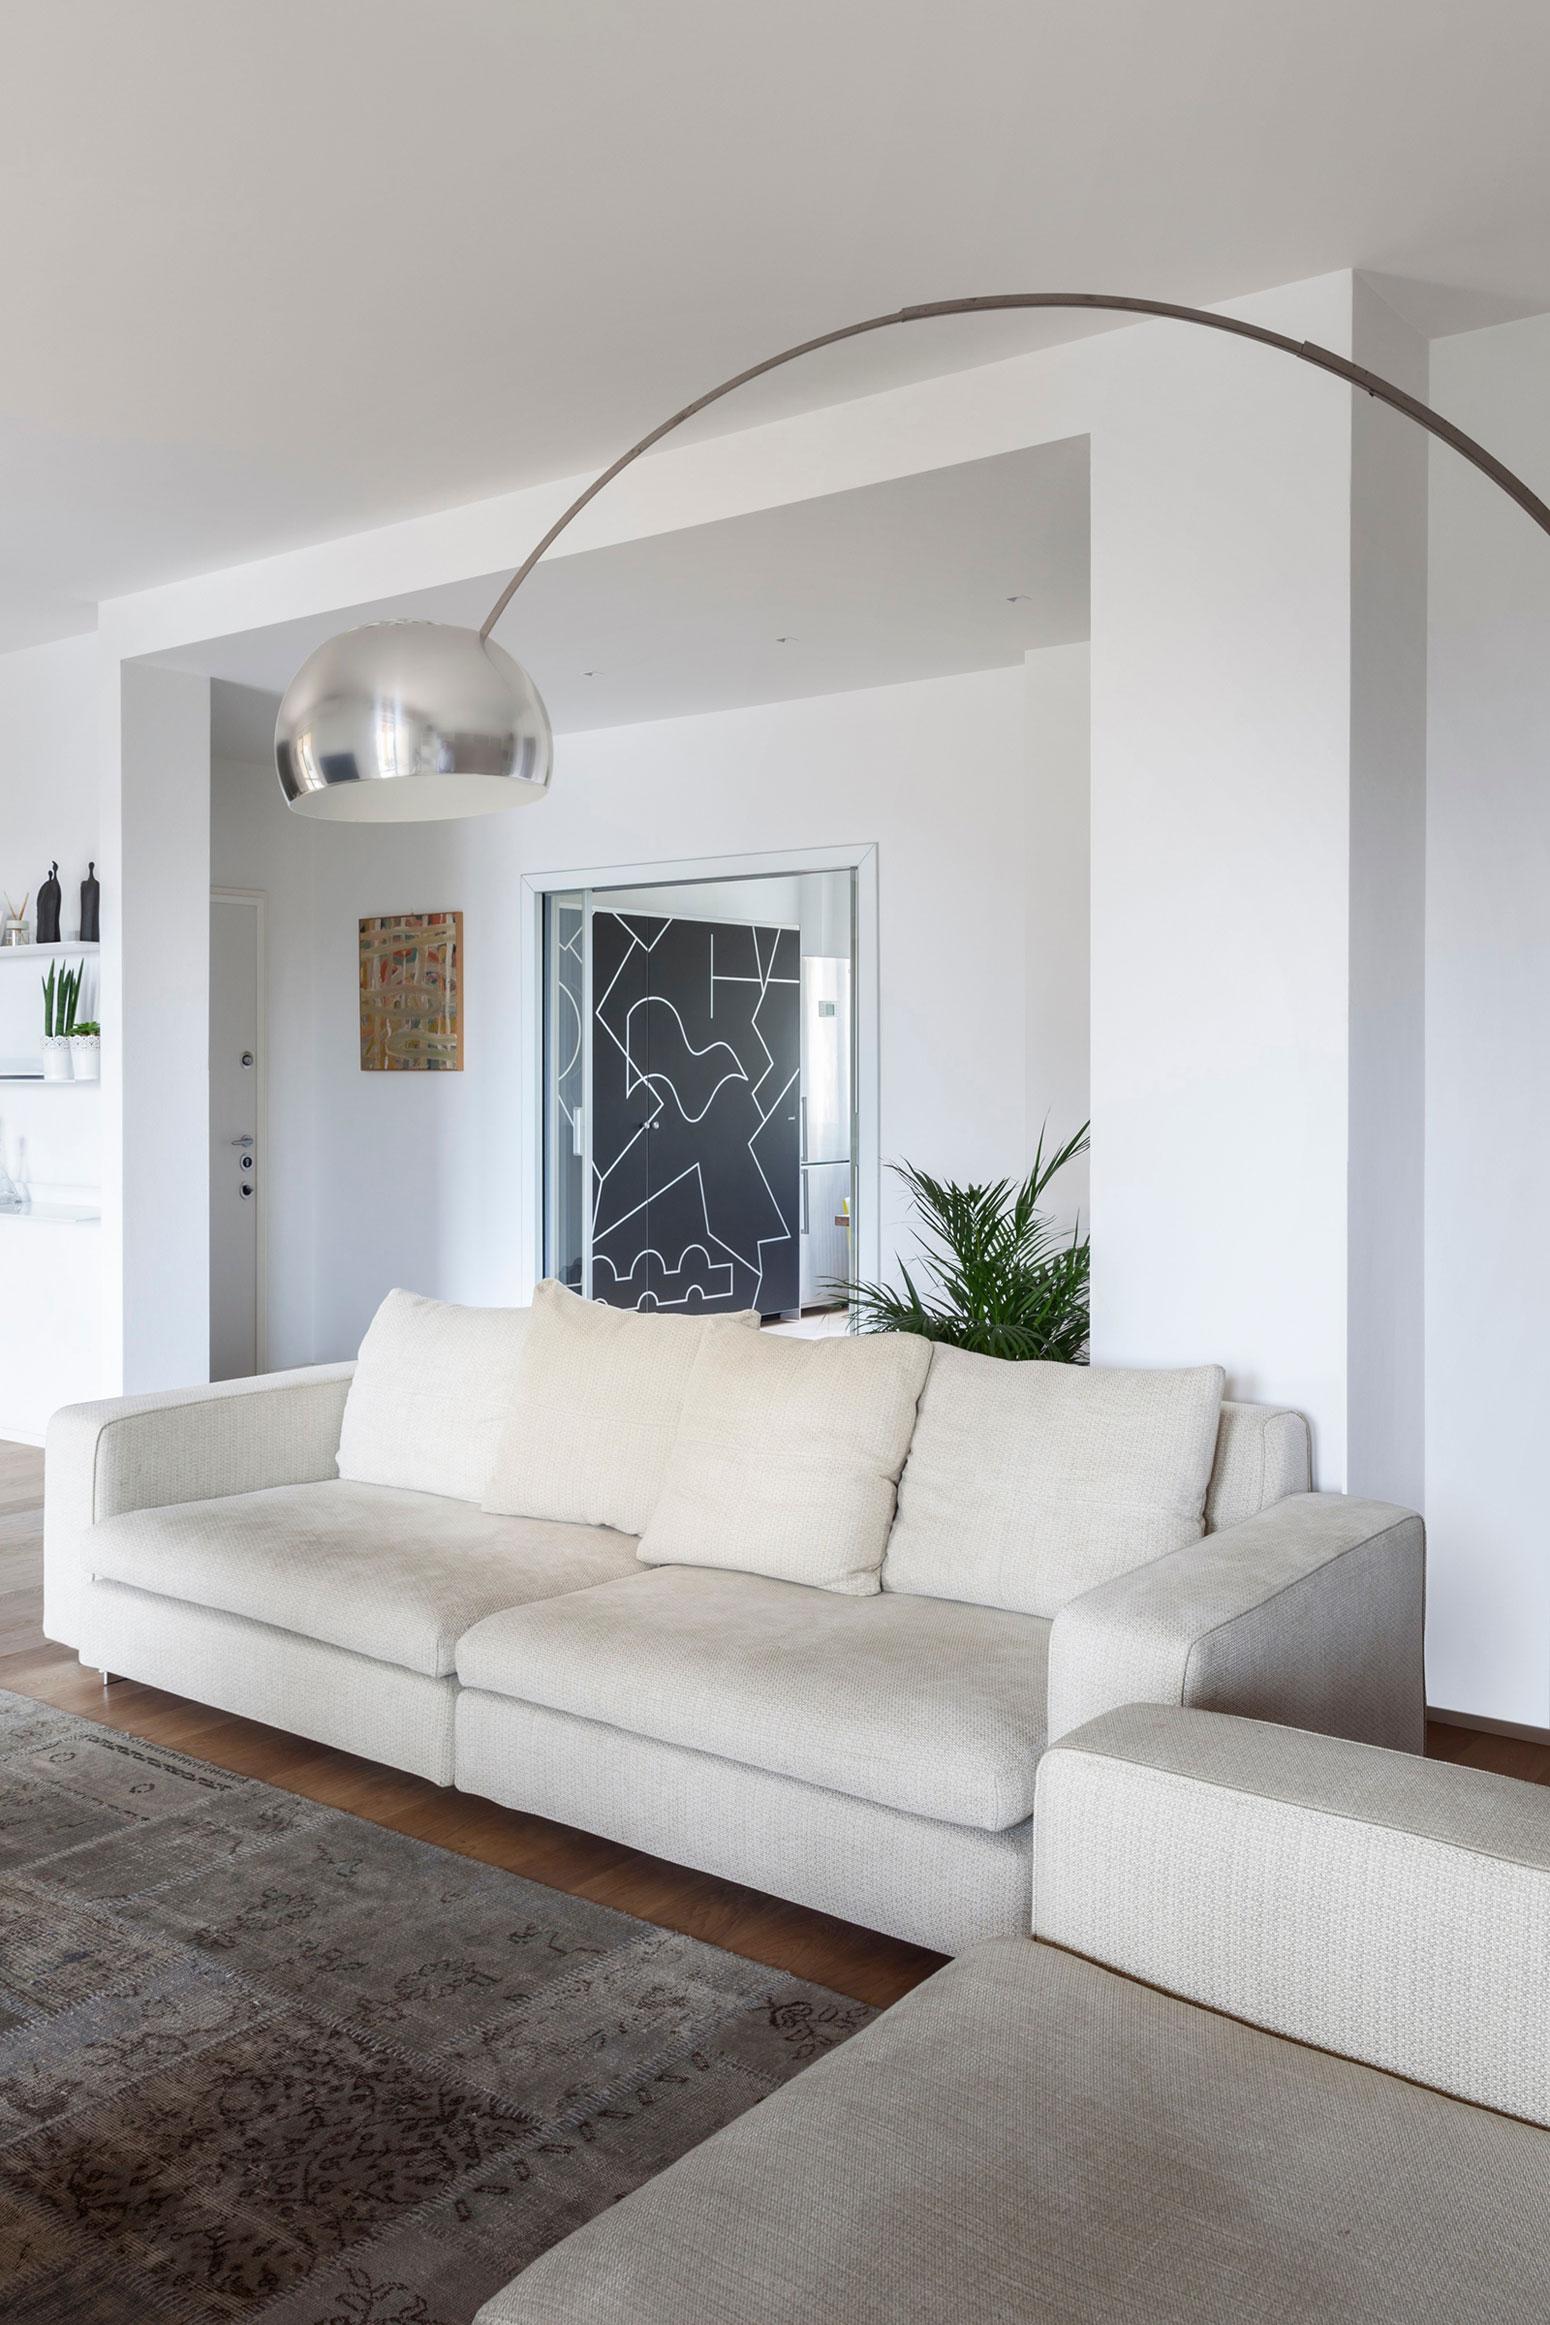 Bright Mama Apartment in Treviglio by Margstudio-03